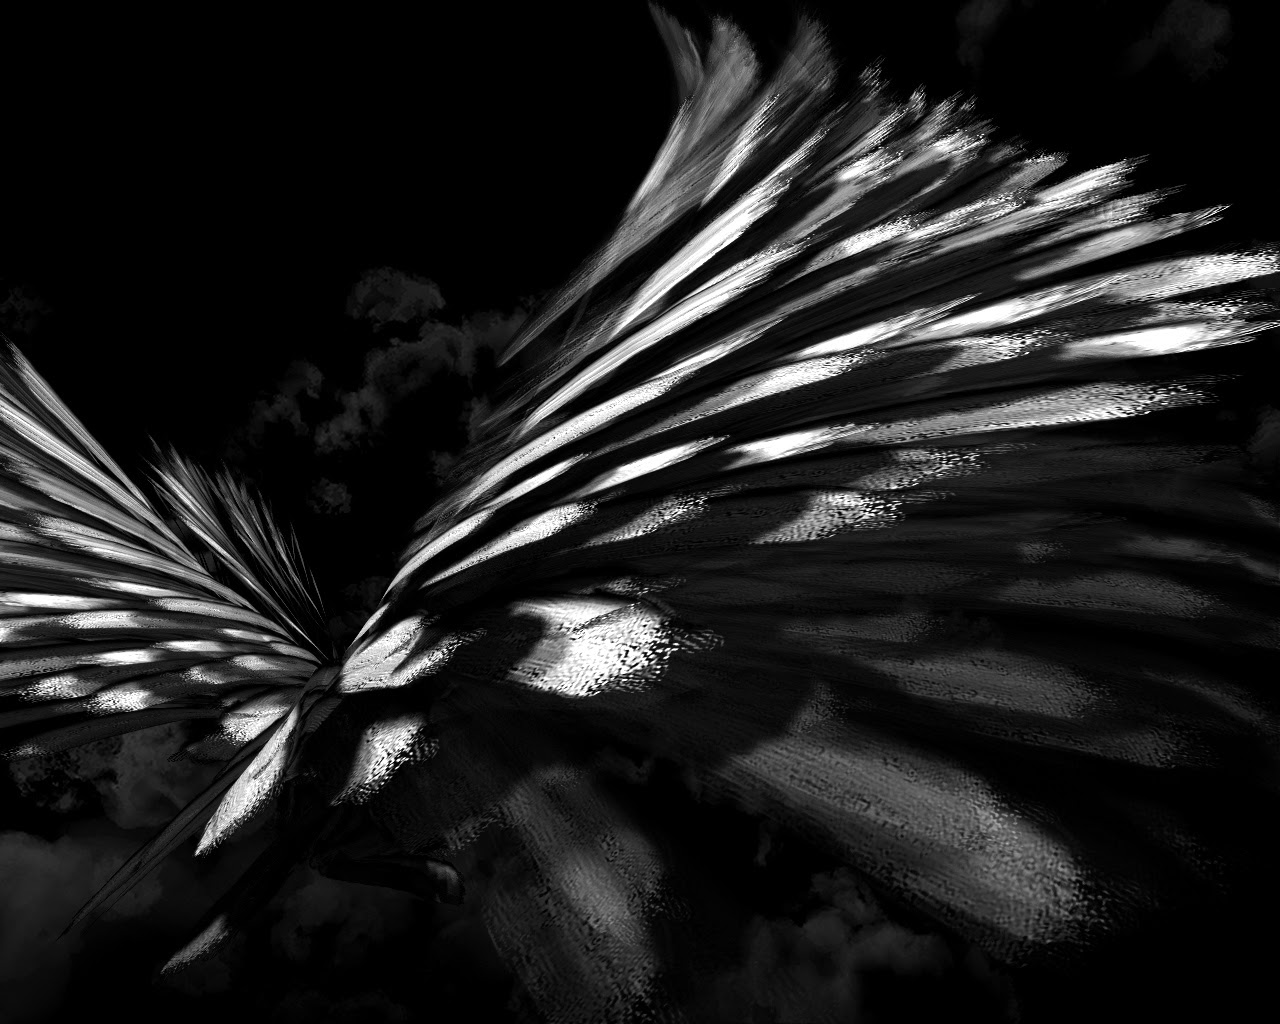 画像 センスが光る 黒を基調としたクールな壁紙集 画像大量